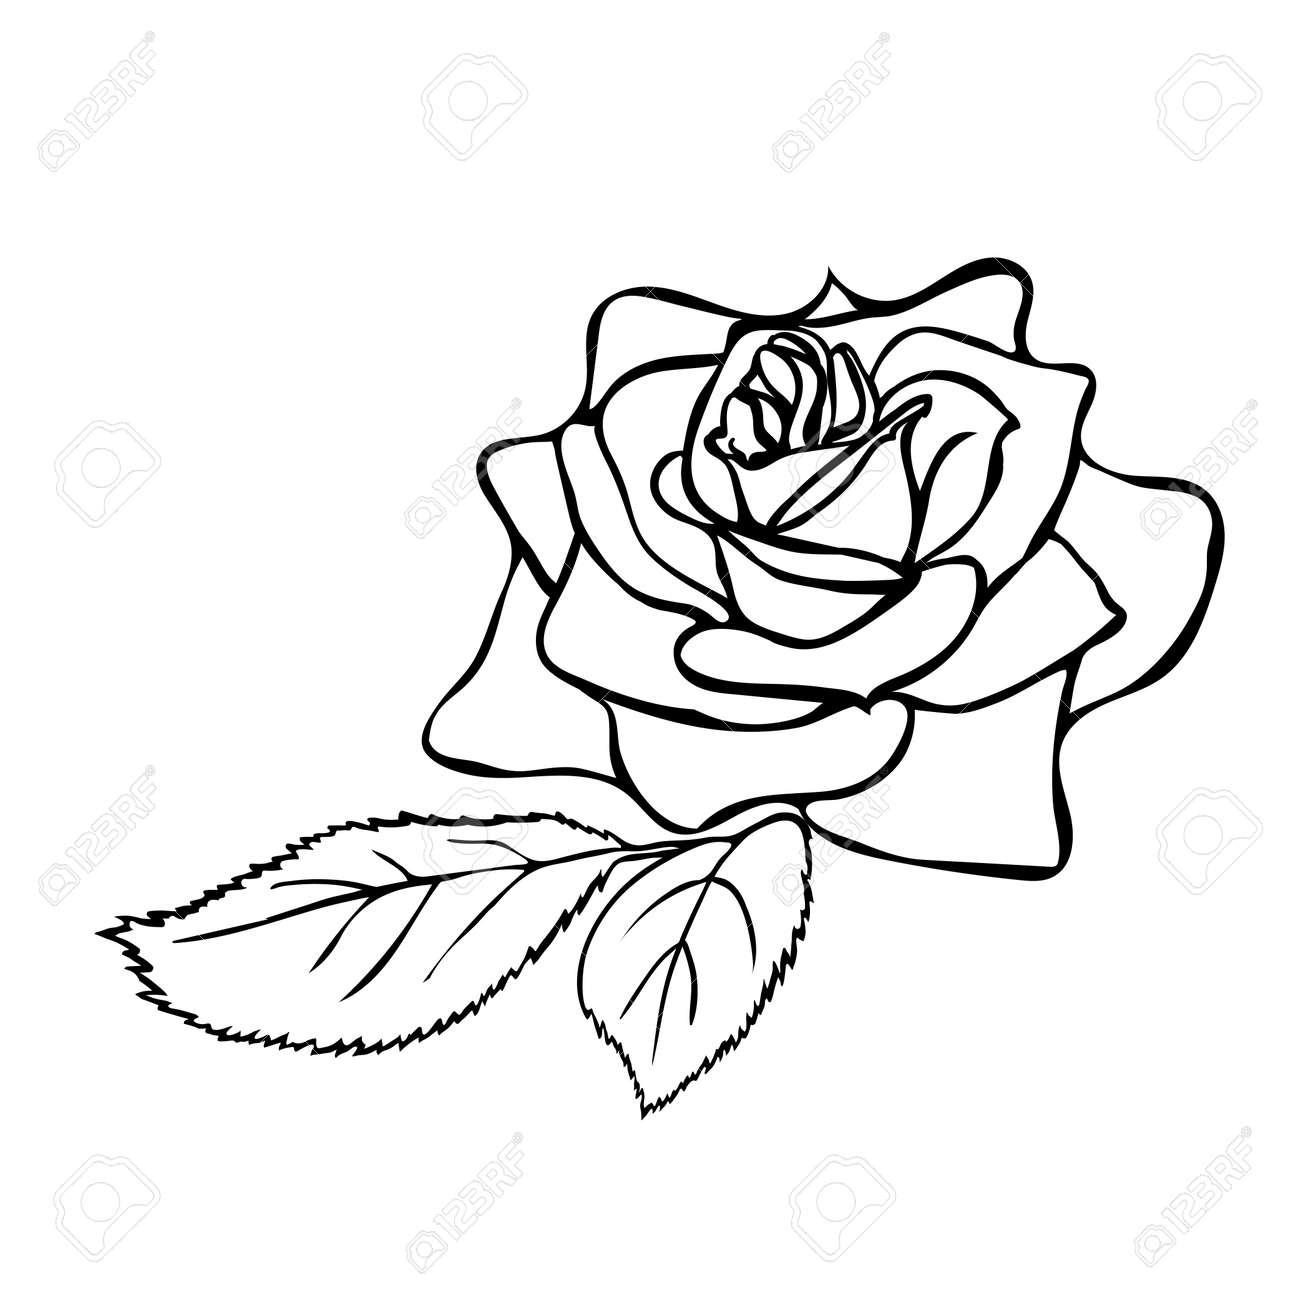 Rose sketch. Black outline on white background. Vector illustration. - 38623821